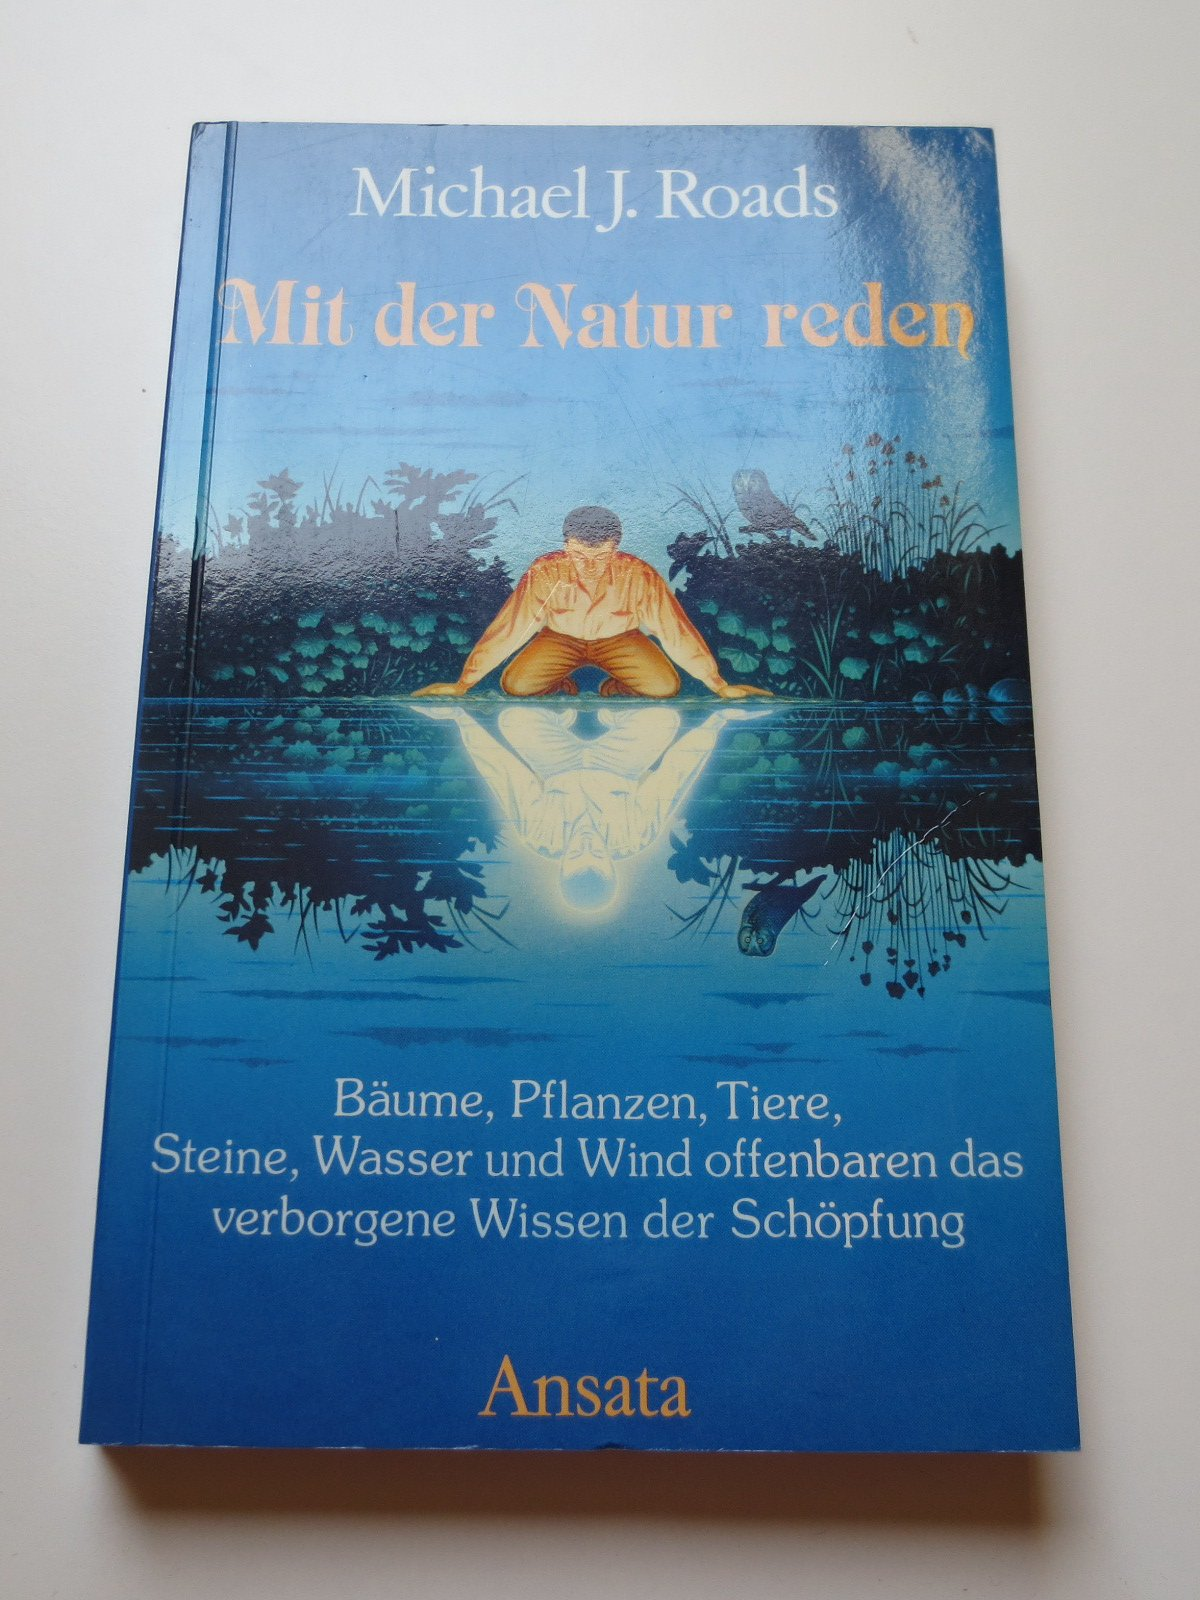 Mit der Natur reden. Bäume, Pflanzen, Tiere, Steine, Wasser und Wind offenbaren das verborgene Wissen der Schöpfung